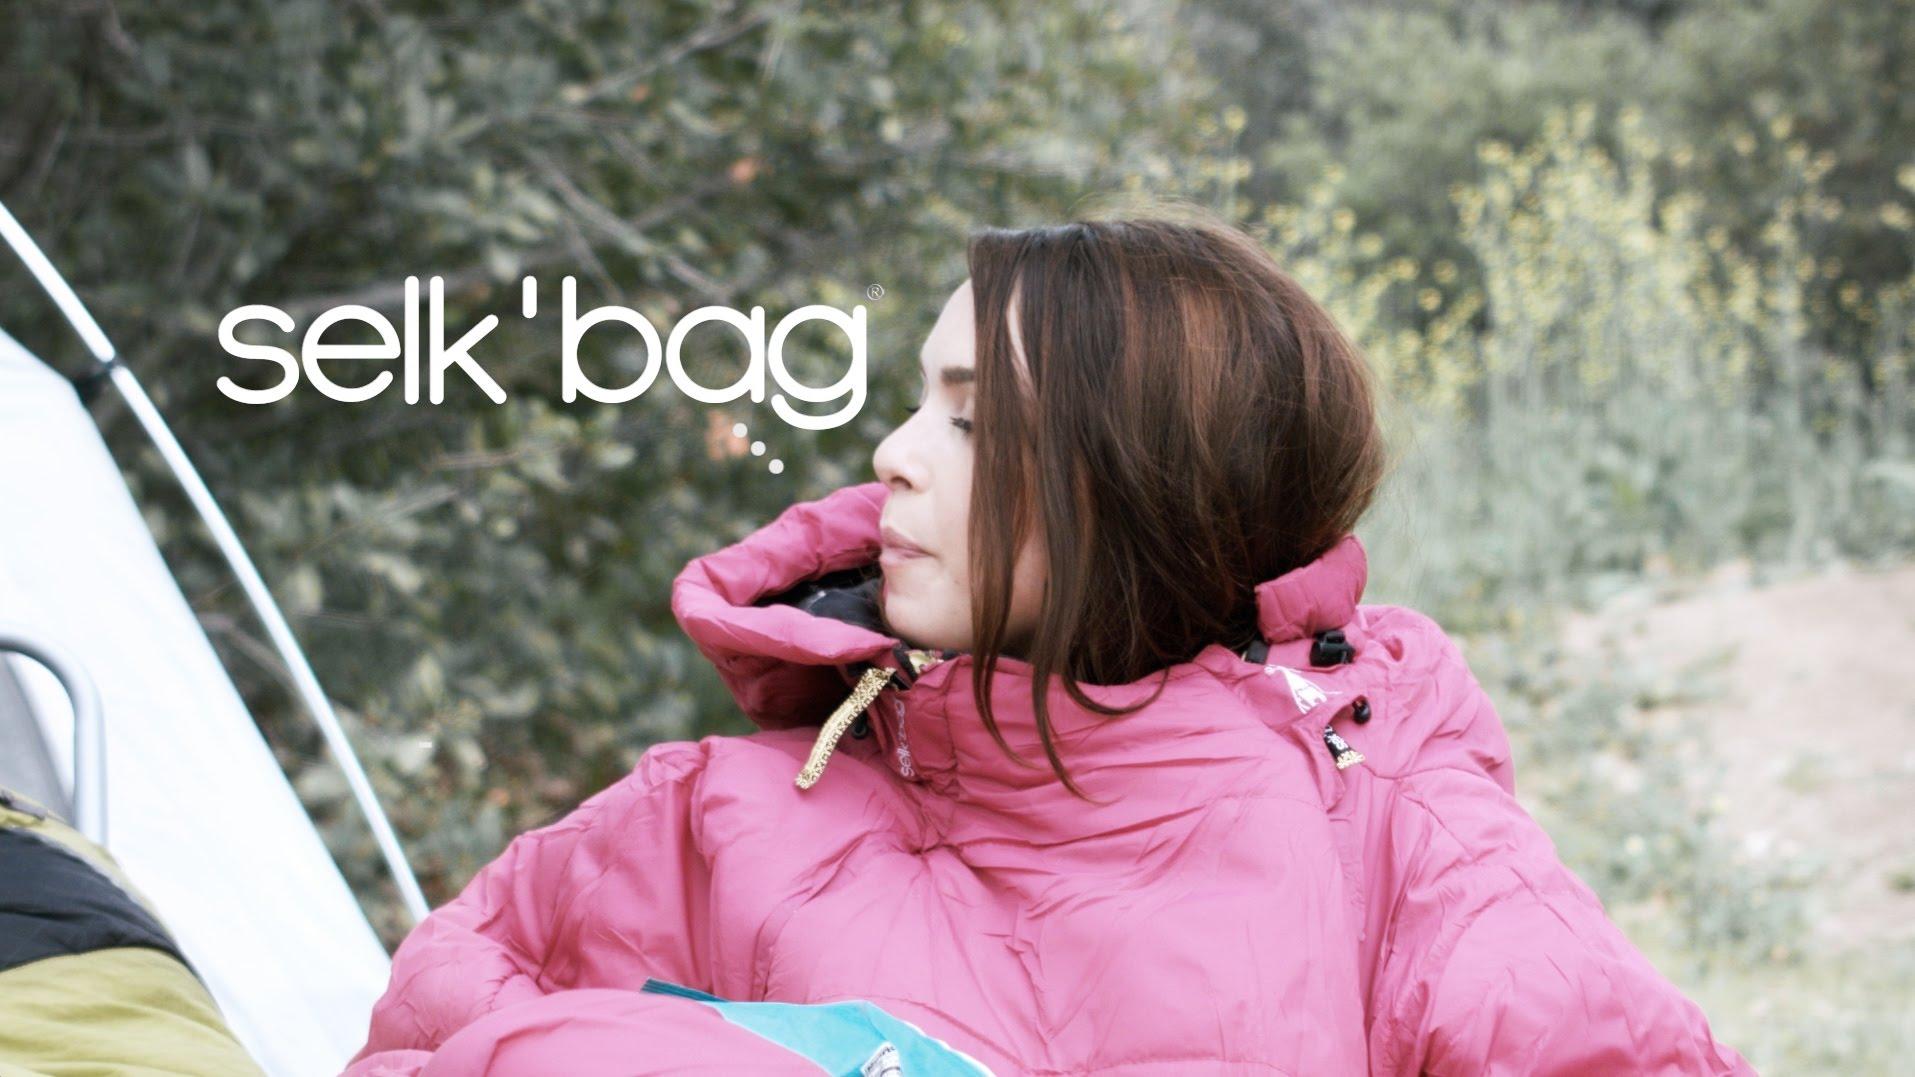 「寒冬必備!一起變身神客睡袋人」- Selk'bag